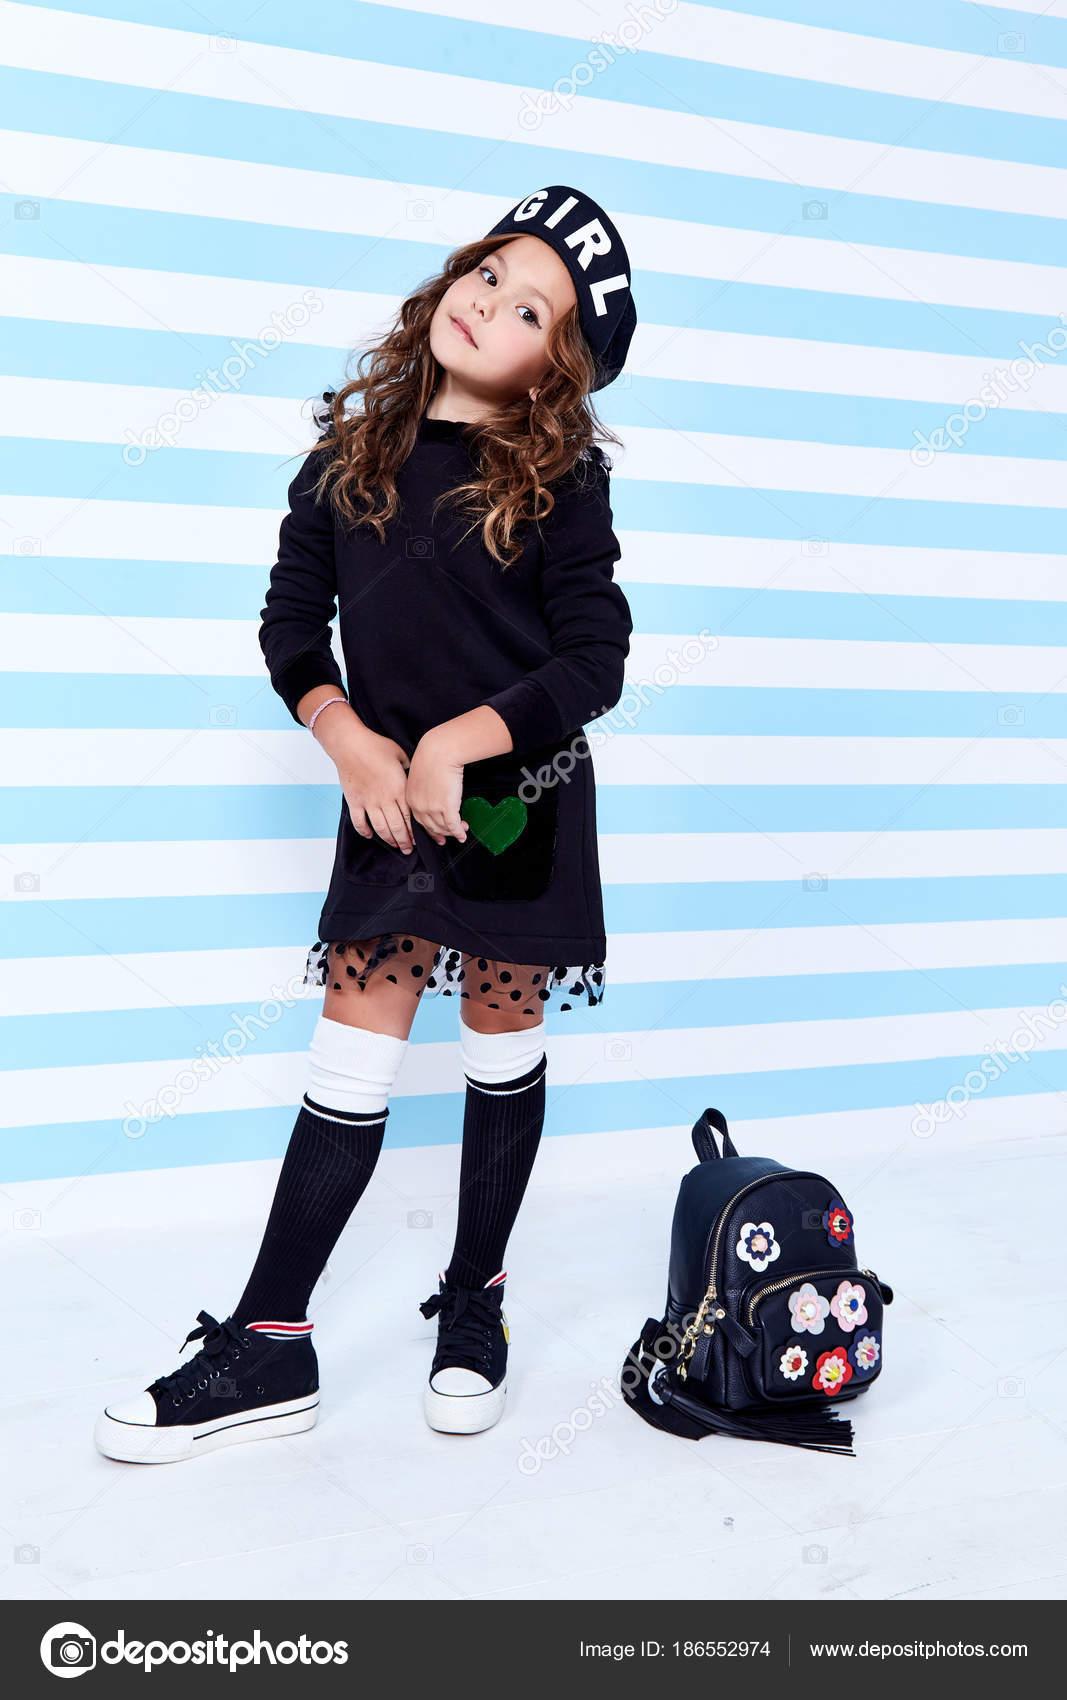 Escuela pequeño bebé niña vestido de colegiala pupila bolsa uniforme boina  calcetines sombrero divertido smile juguete pelo rizado estudios de  aprendizaje ... 336f12373b3